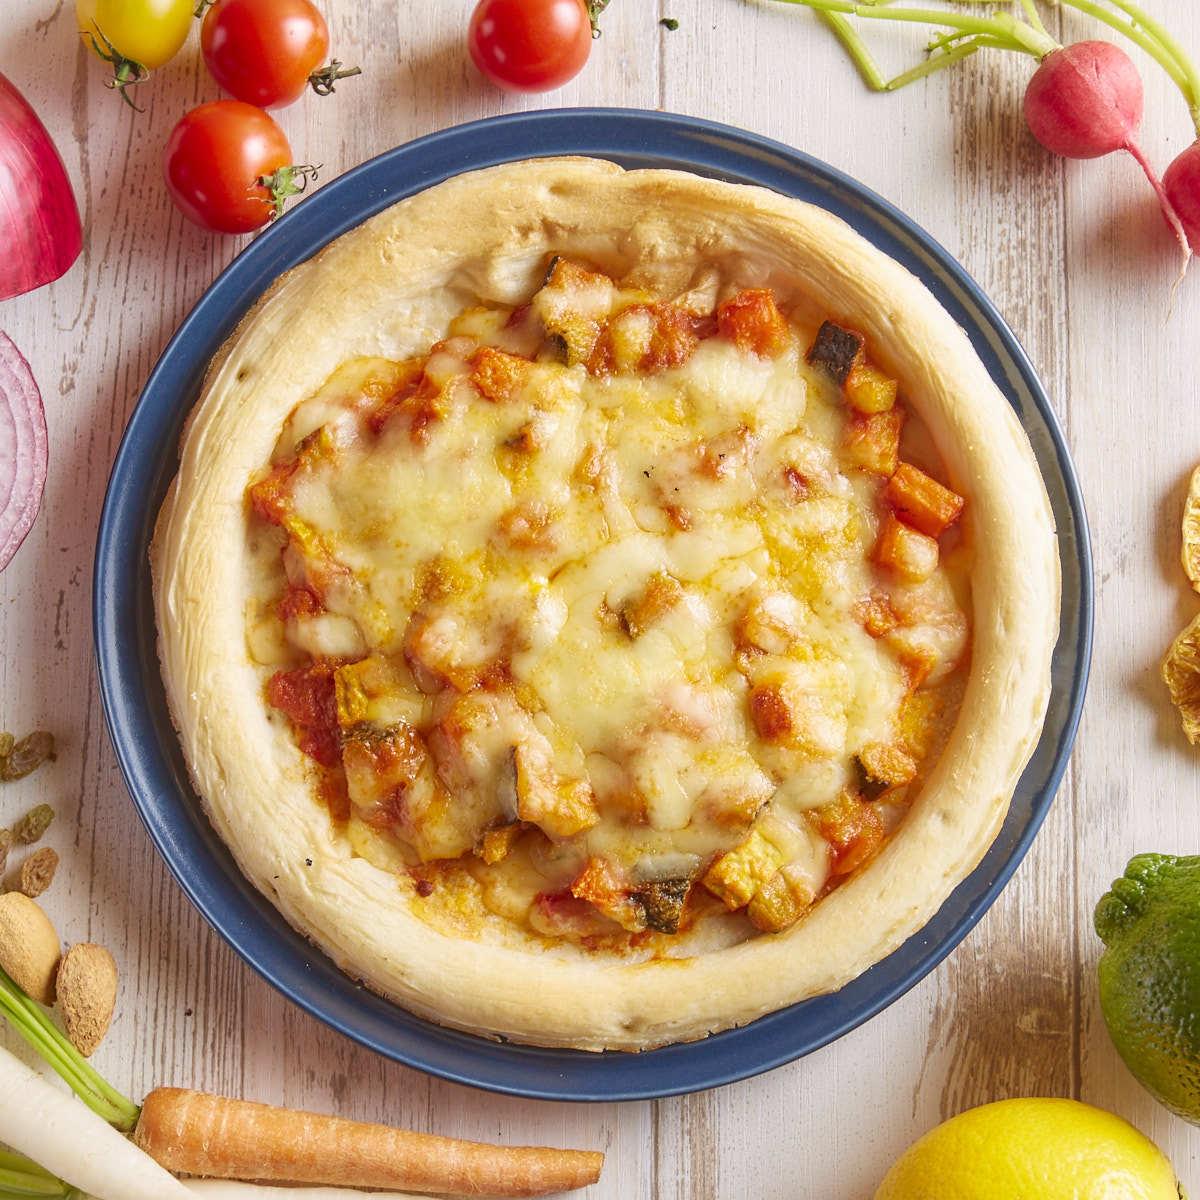 【蔬菜】Ortrana披萨